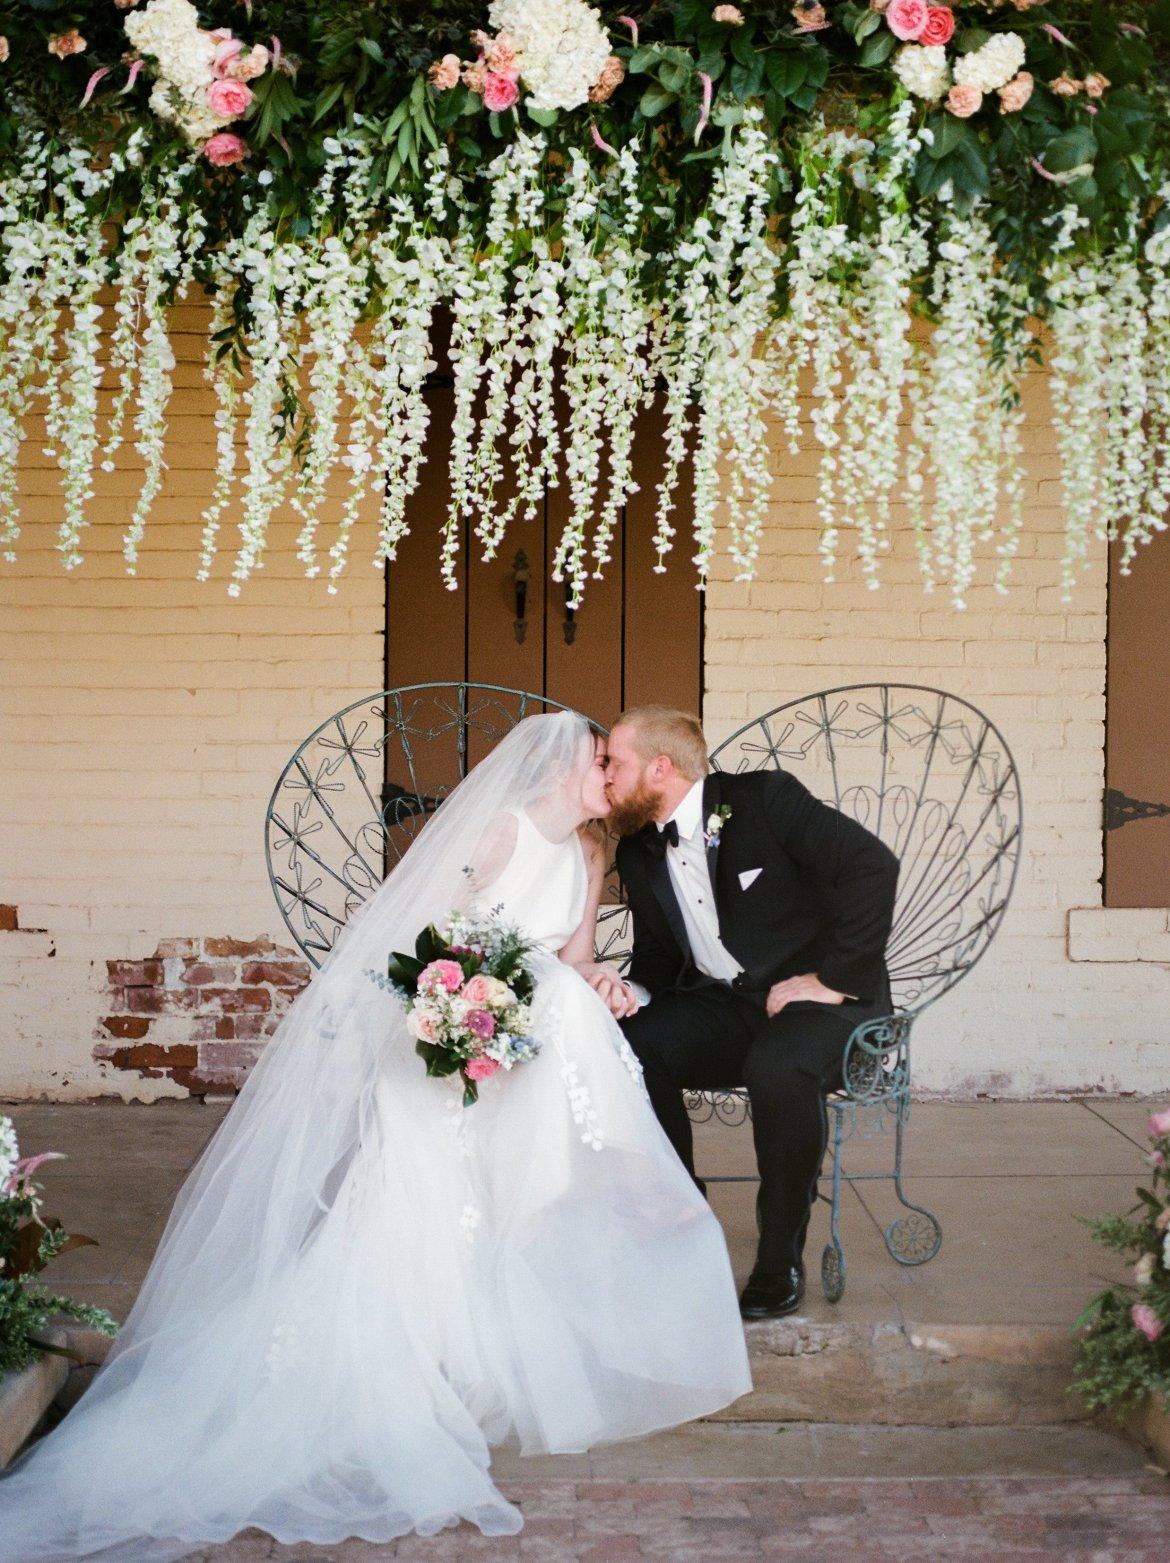 Dreamy Garden Wedding Inspiration at the Sierra Vista House in Phoenix, AZ   The Bridechilla Blog   Photo by Sara Bishop Photography